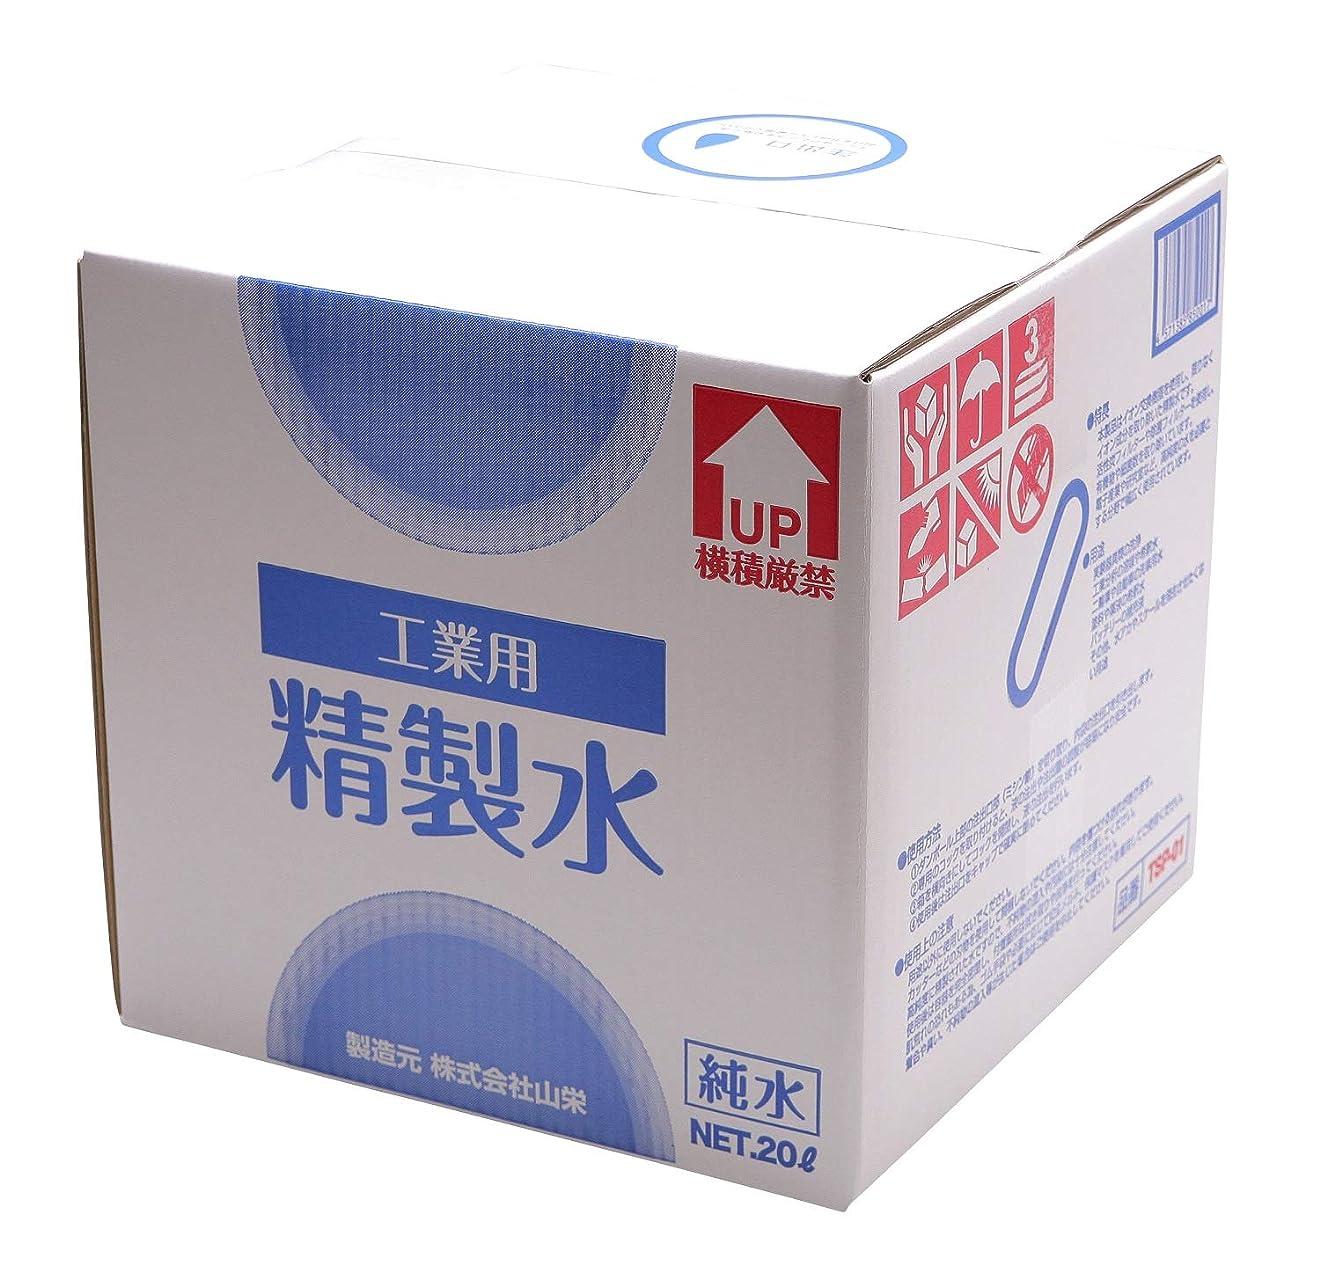 応援する花前者サンエイ化学 工業用精製水 純水 20L×1箱 コックなし 【スチーマー 加湿器 オートクレーブ エステ 美容 歯科】